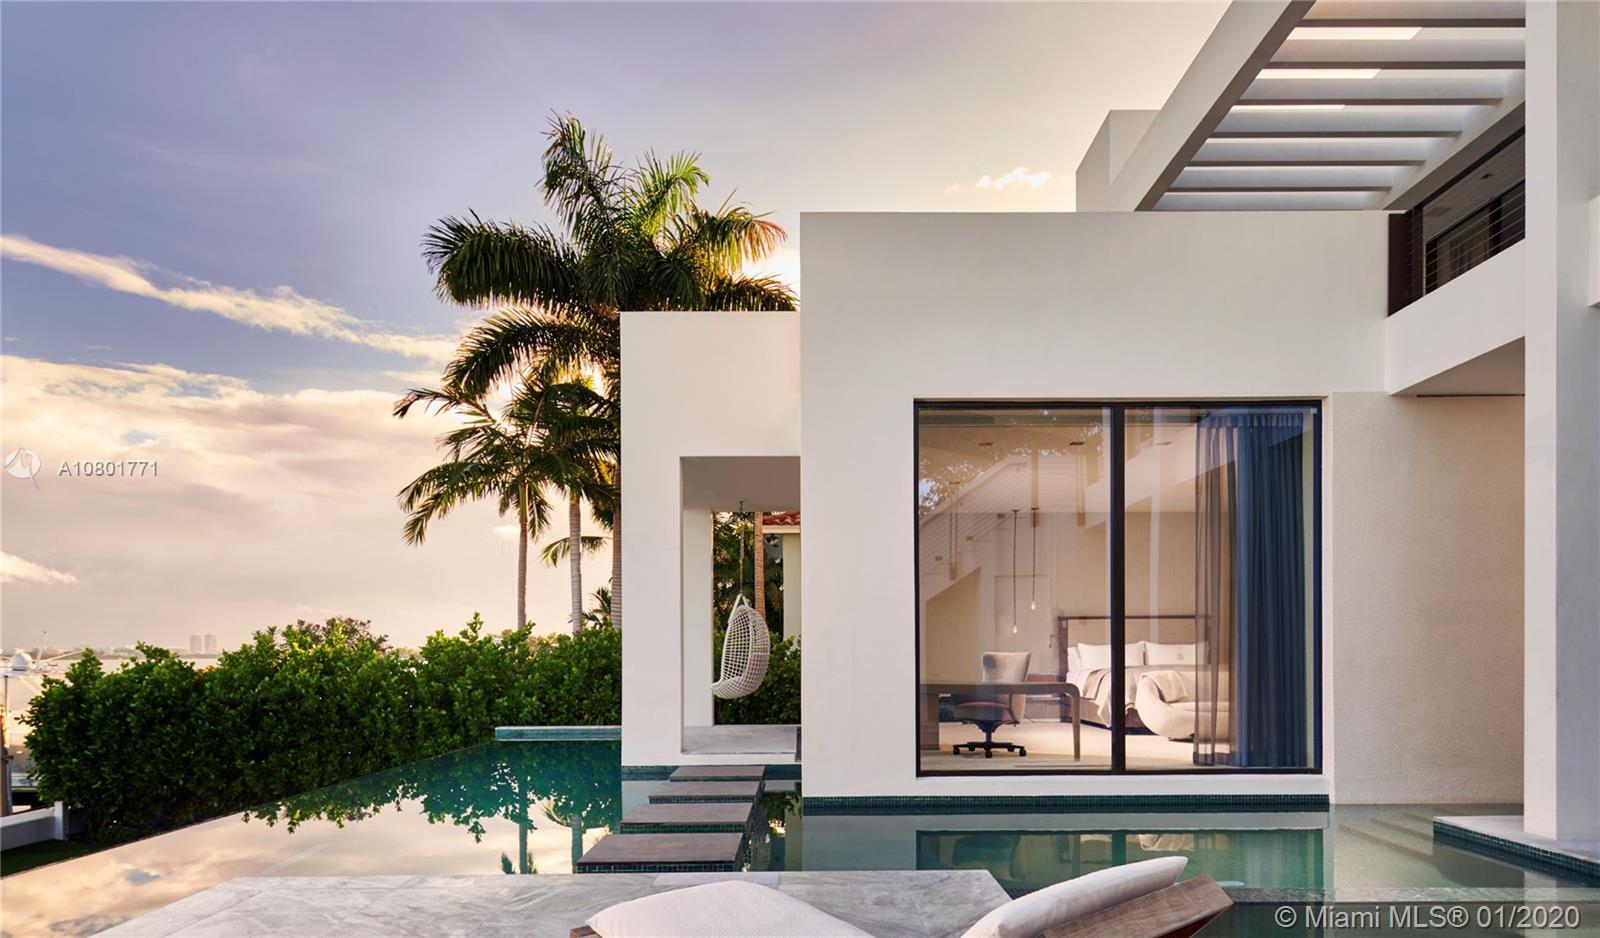 1325 N Venetian Way Luxury Real Estate